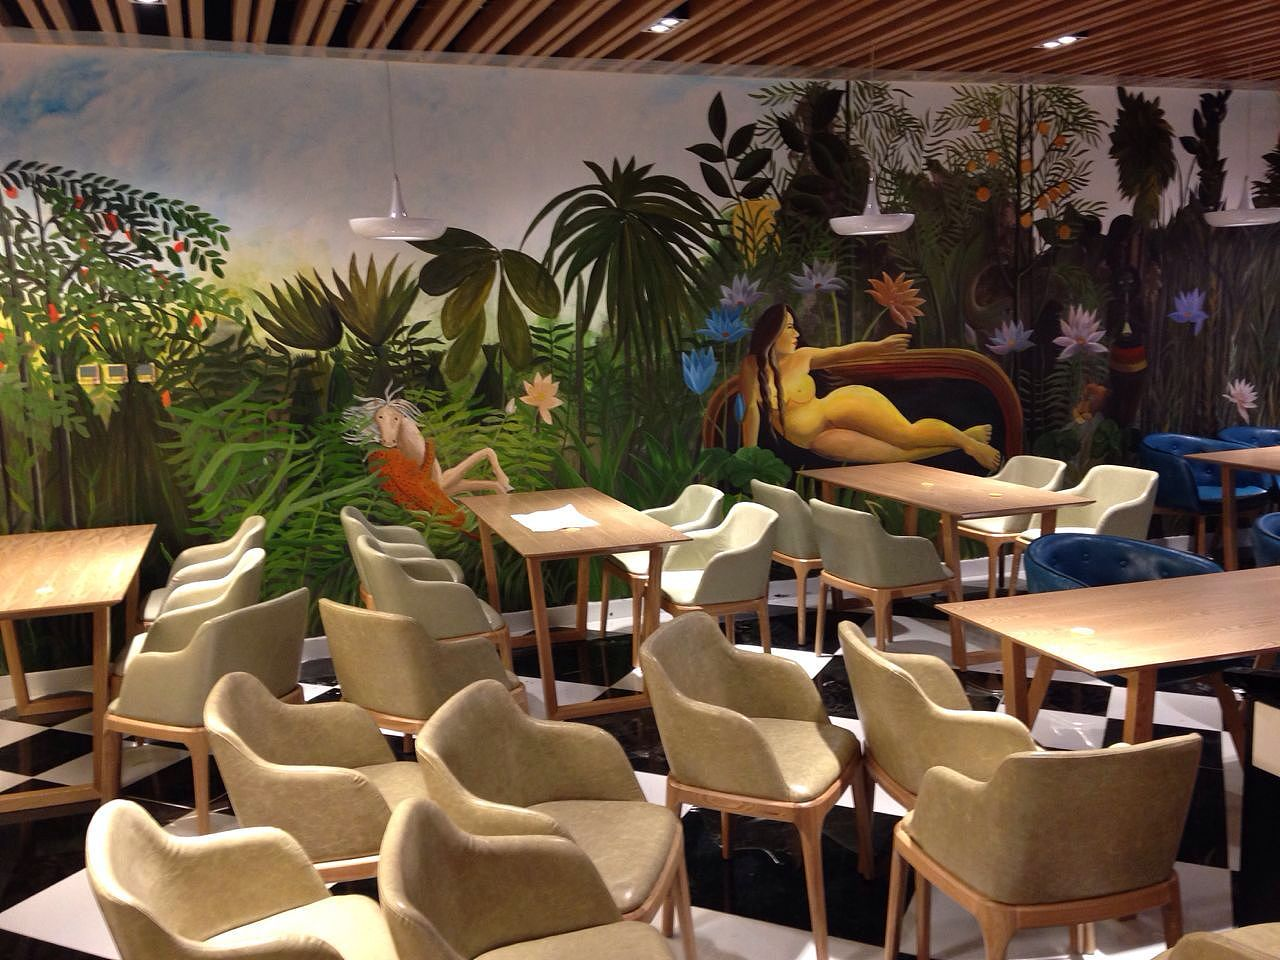 王府井西餐厅 咖啡厅|其他|墙绘/立体画|凡琢艺彩图片